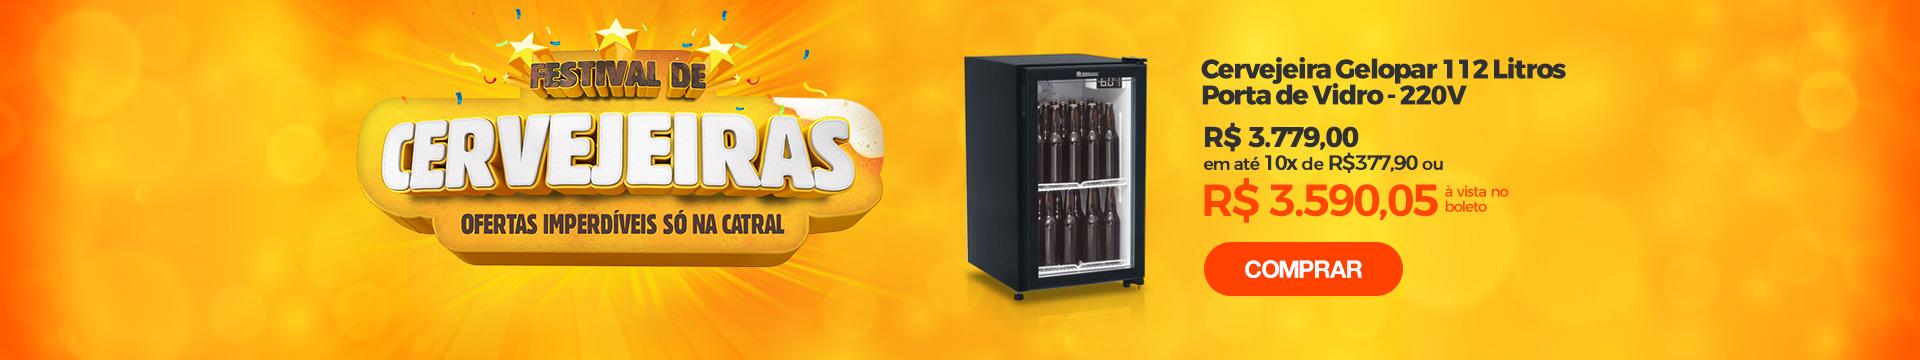 Festival Cervejeiras - Produto 3